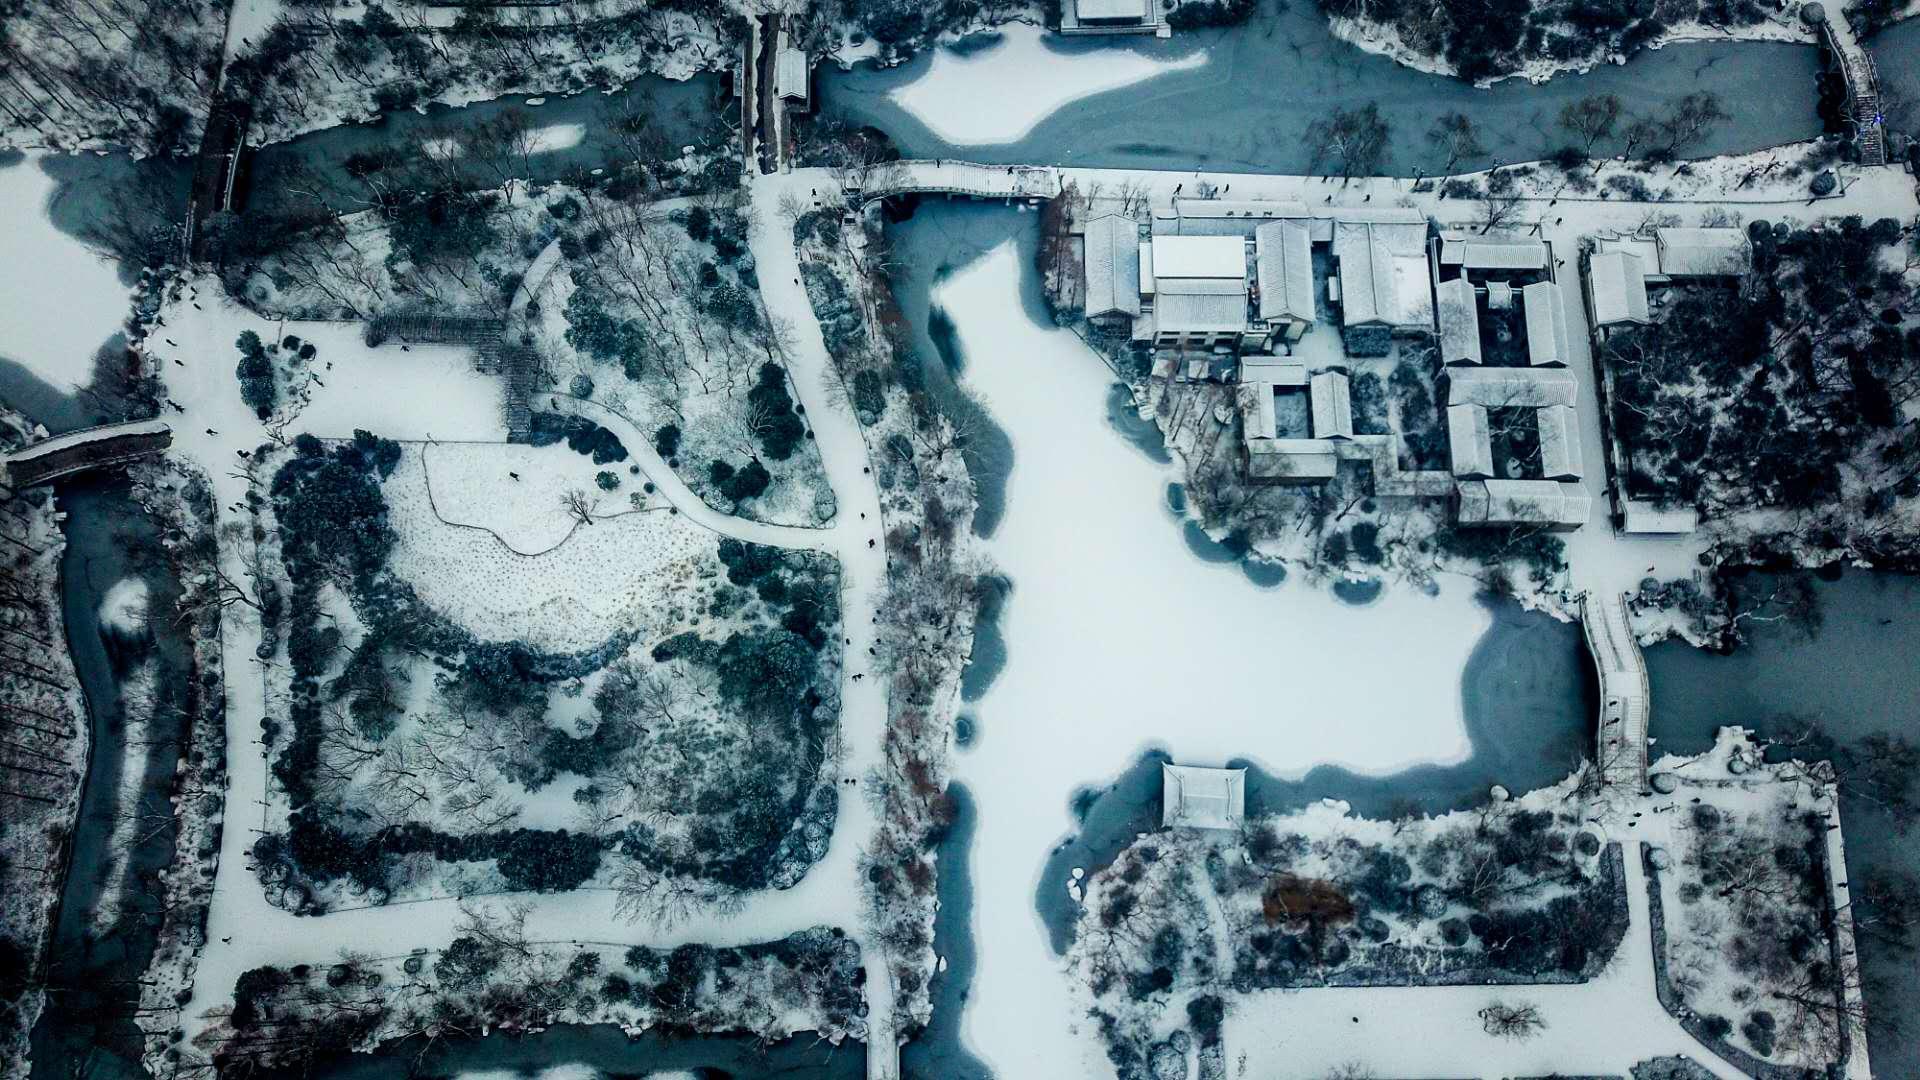 最美山东丨航拍雪后大明湖银装素裹 犹如泼墨山水画